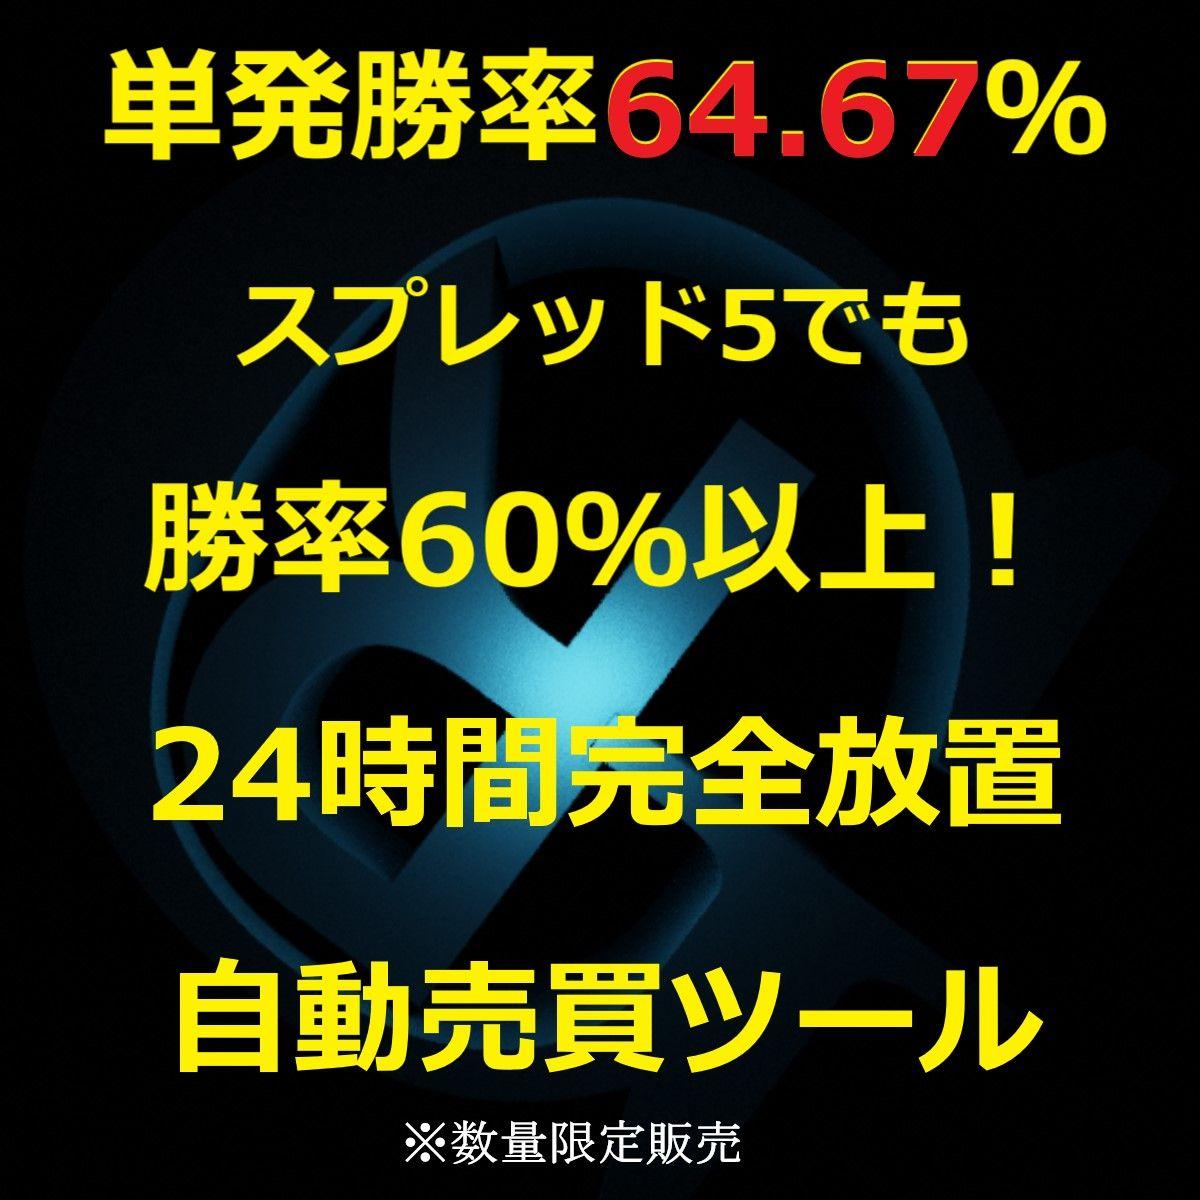 単発勝率64.67% スプレッド5ポイントでも勝率60%以上!【バイナリーオプション自動売買ツール】